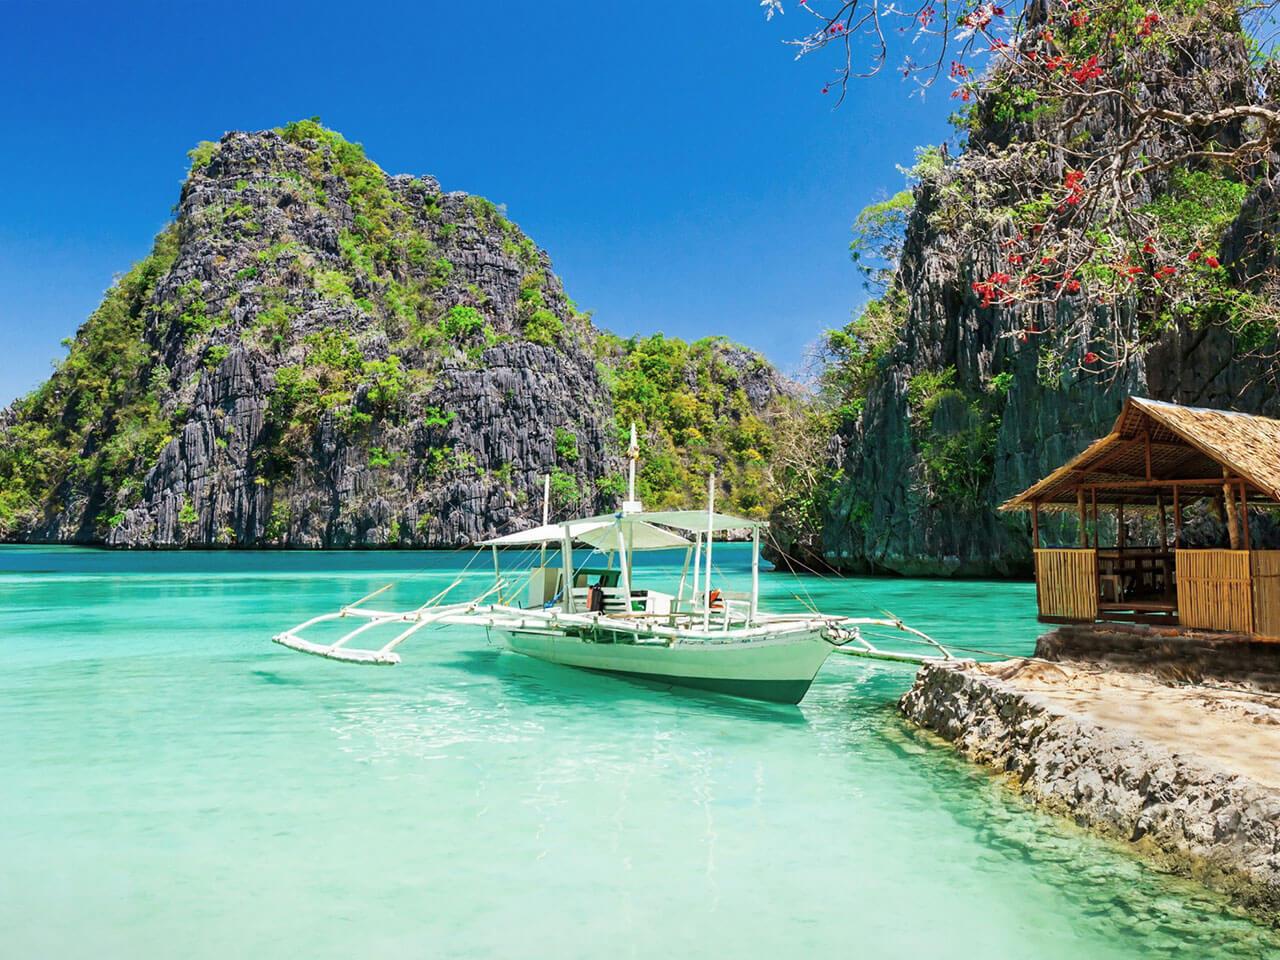 Bluesky - destinatie Filipine Boracay